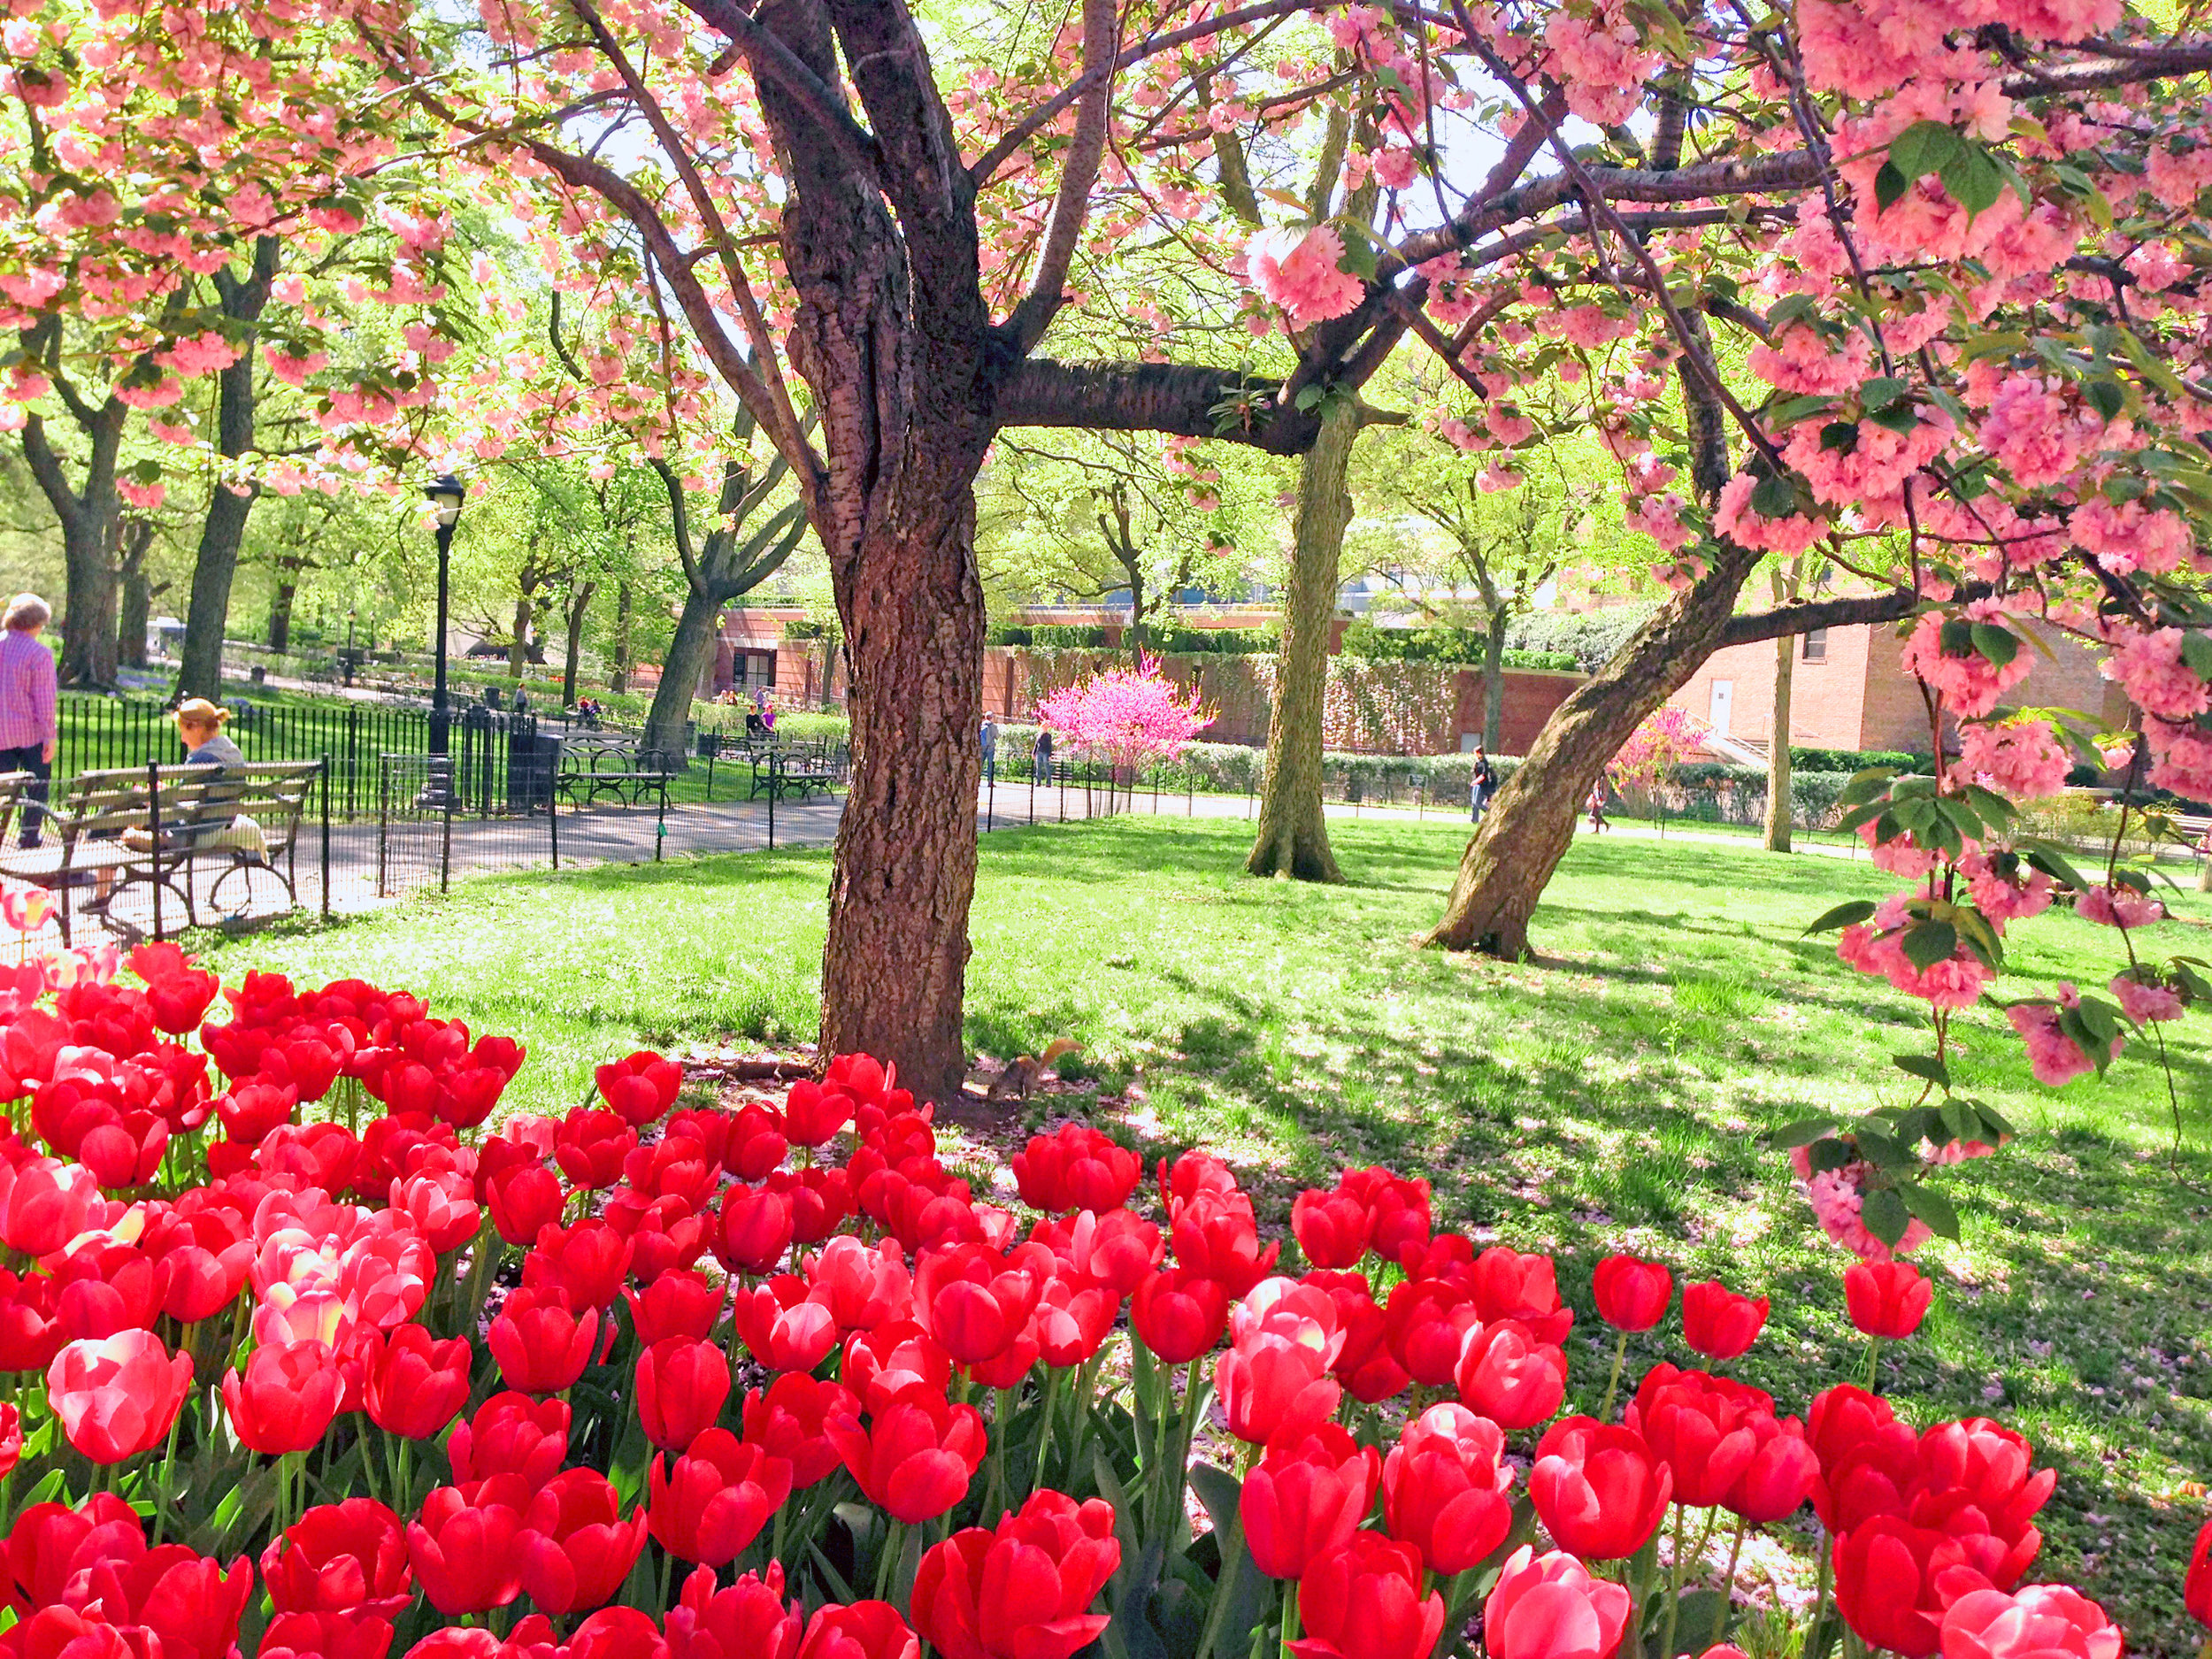 Flowers-in-Theodore-R-Park_edit.jpg